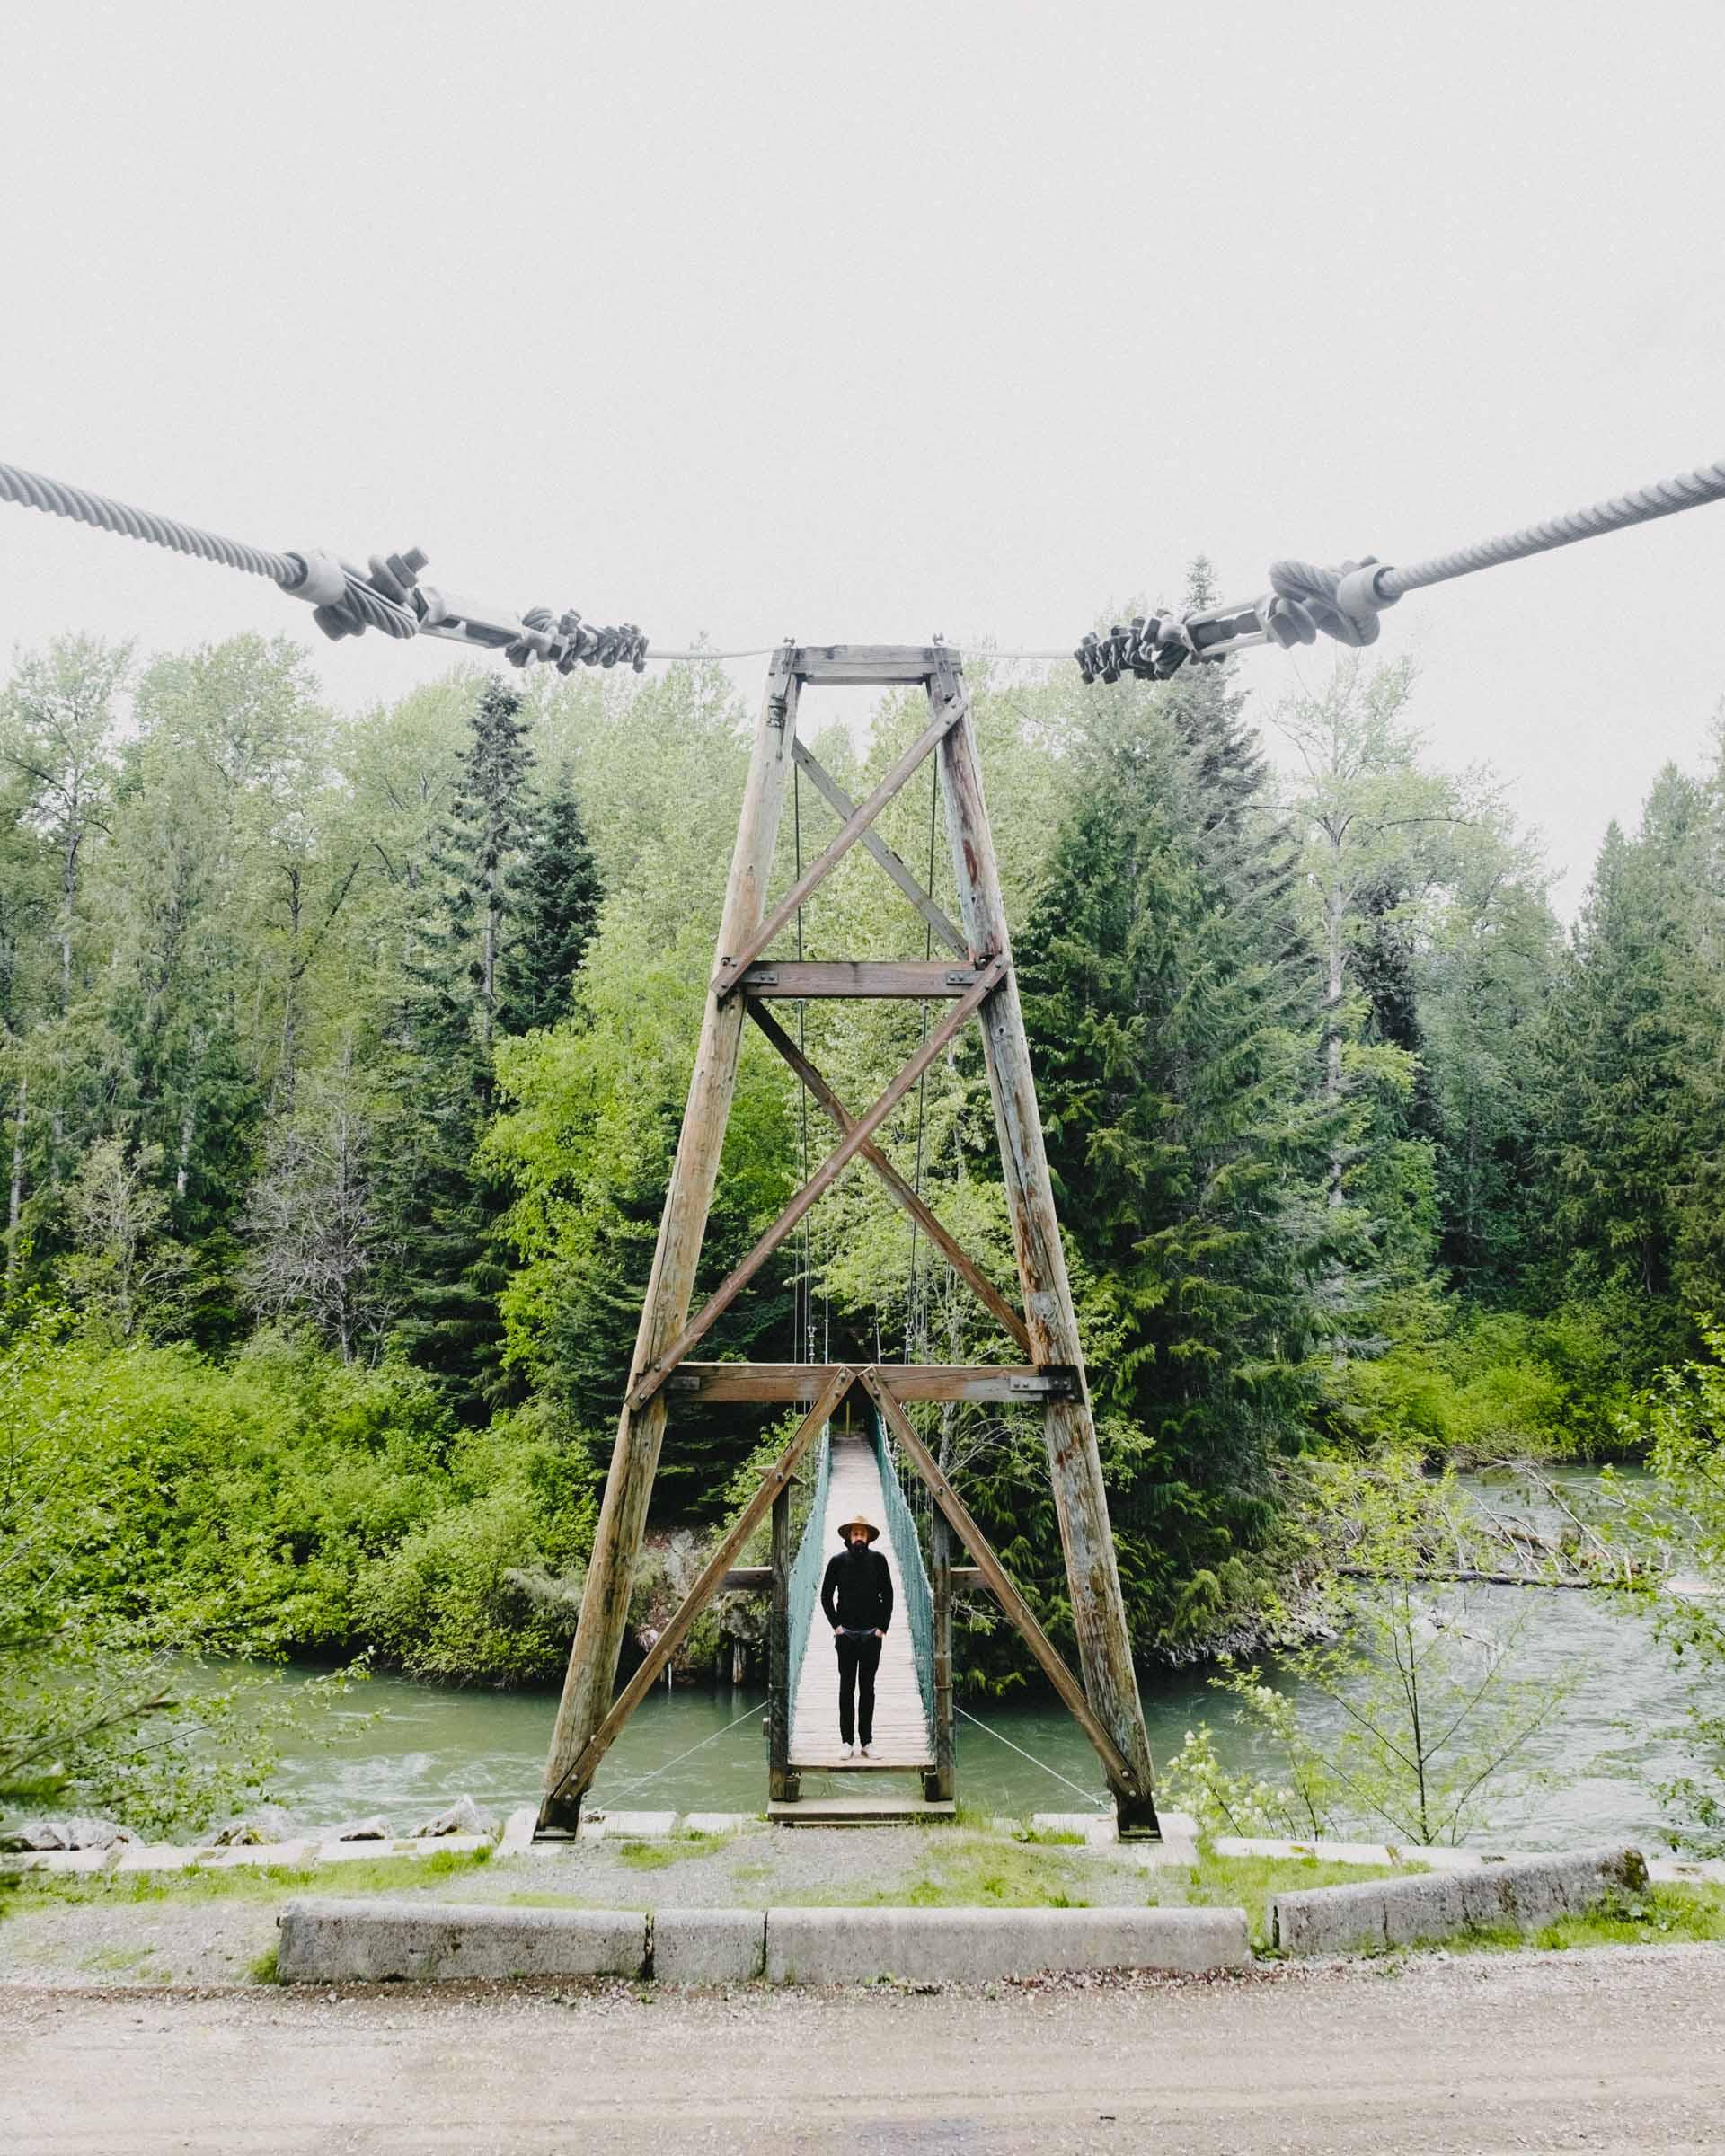 Suspension bridge in Skagit Valley Provincial Park